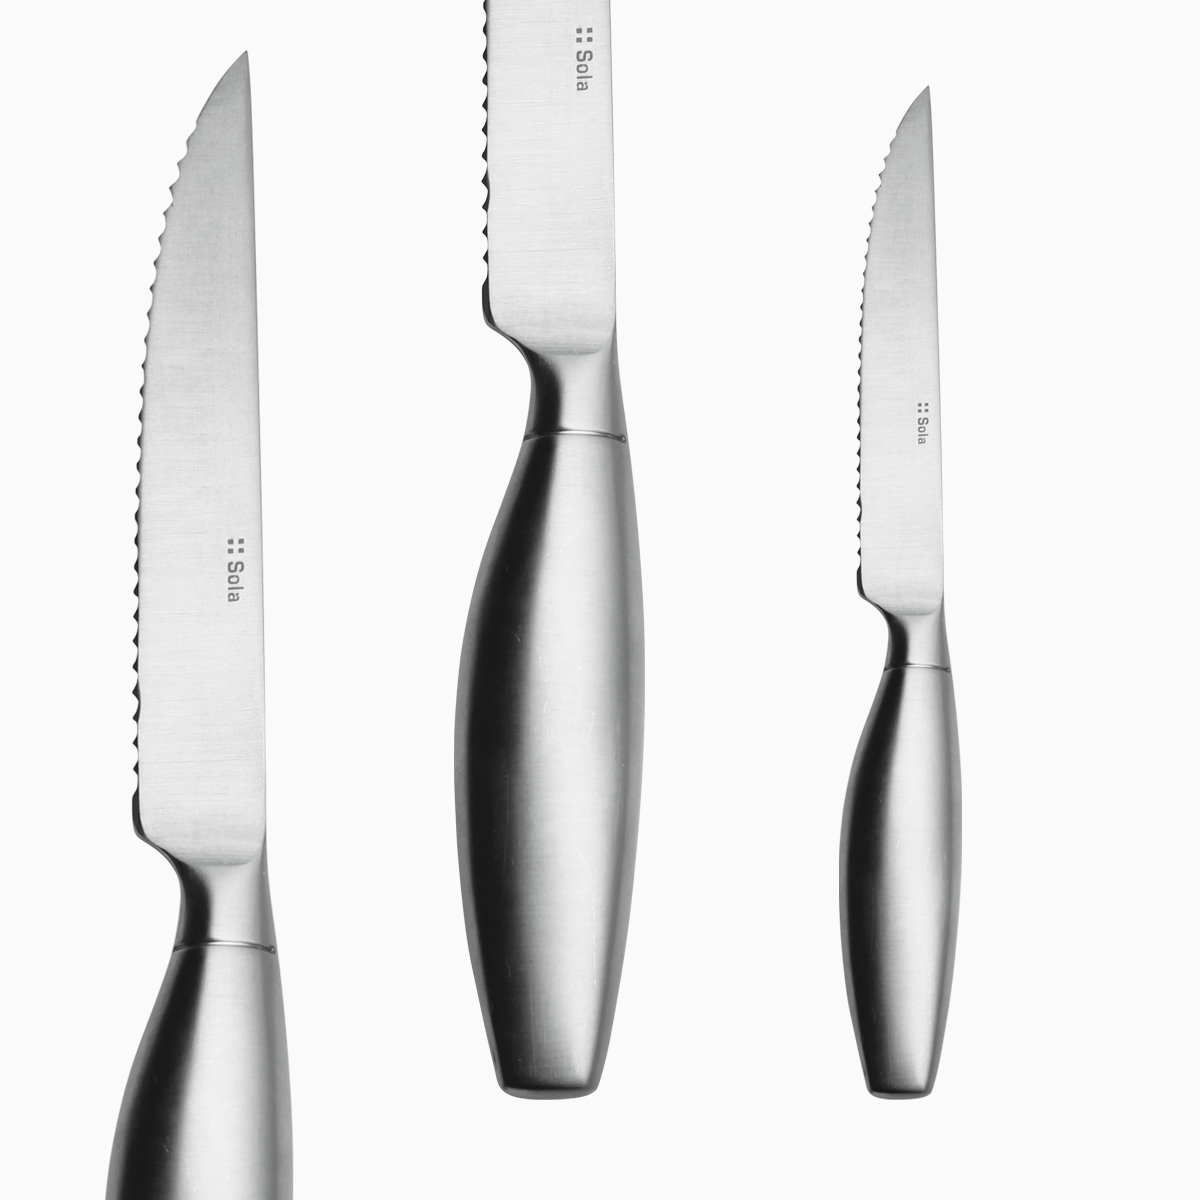 Stejkový nôž - Touch me Sandblast